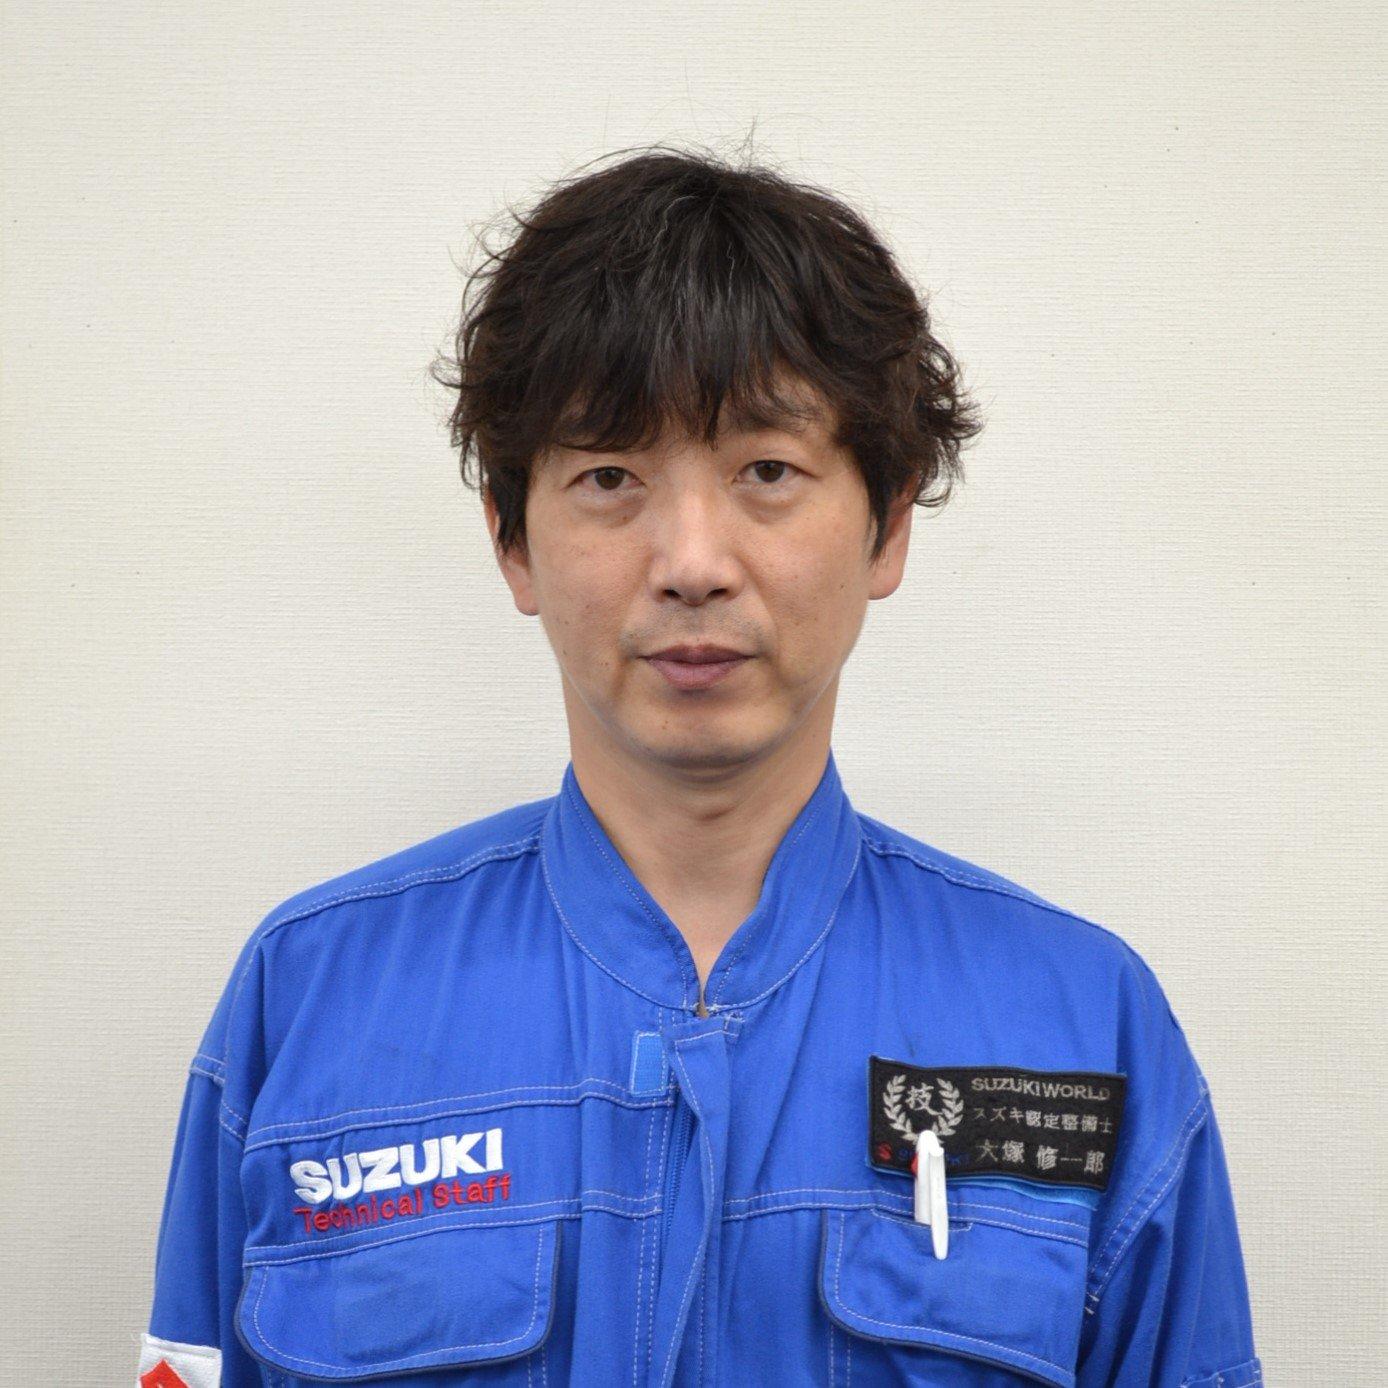 大塚 修一郎